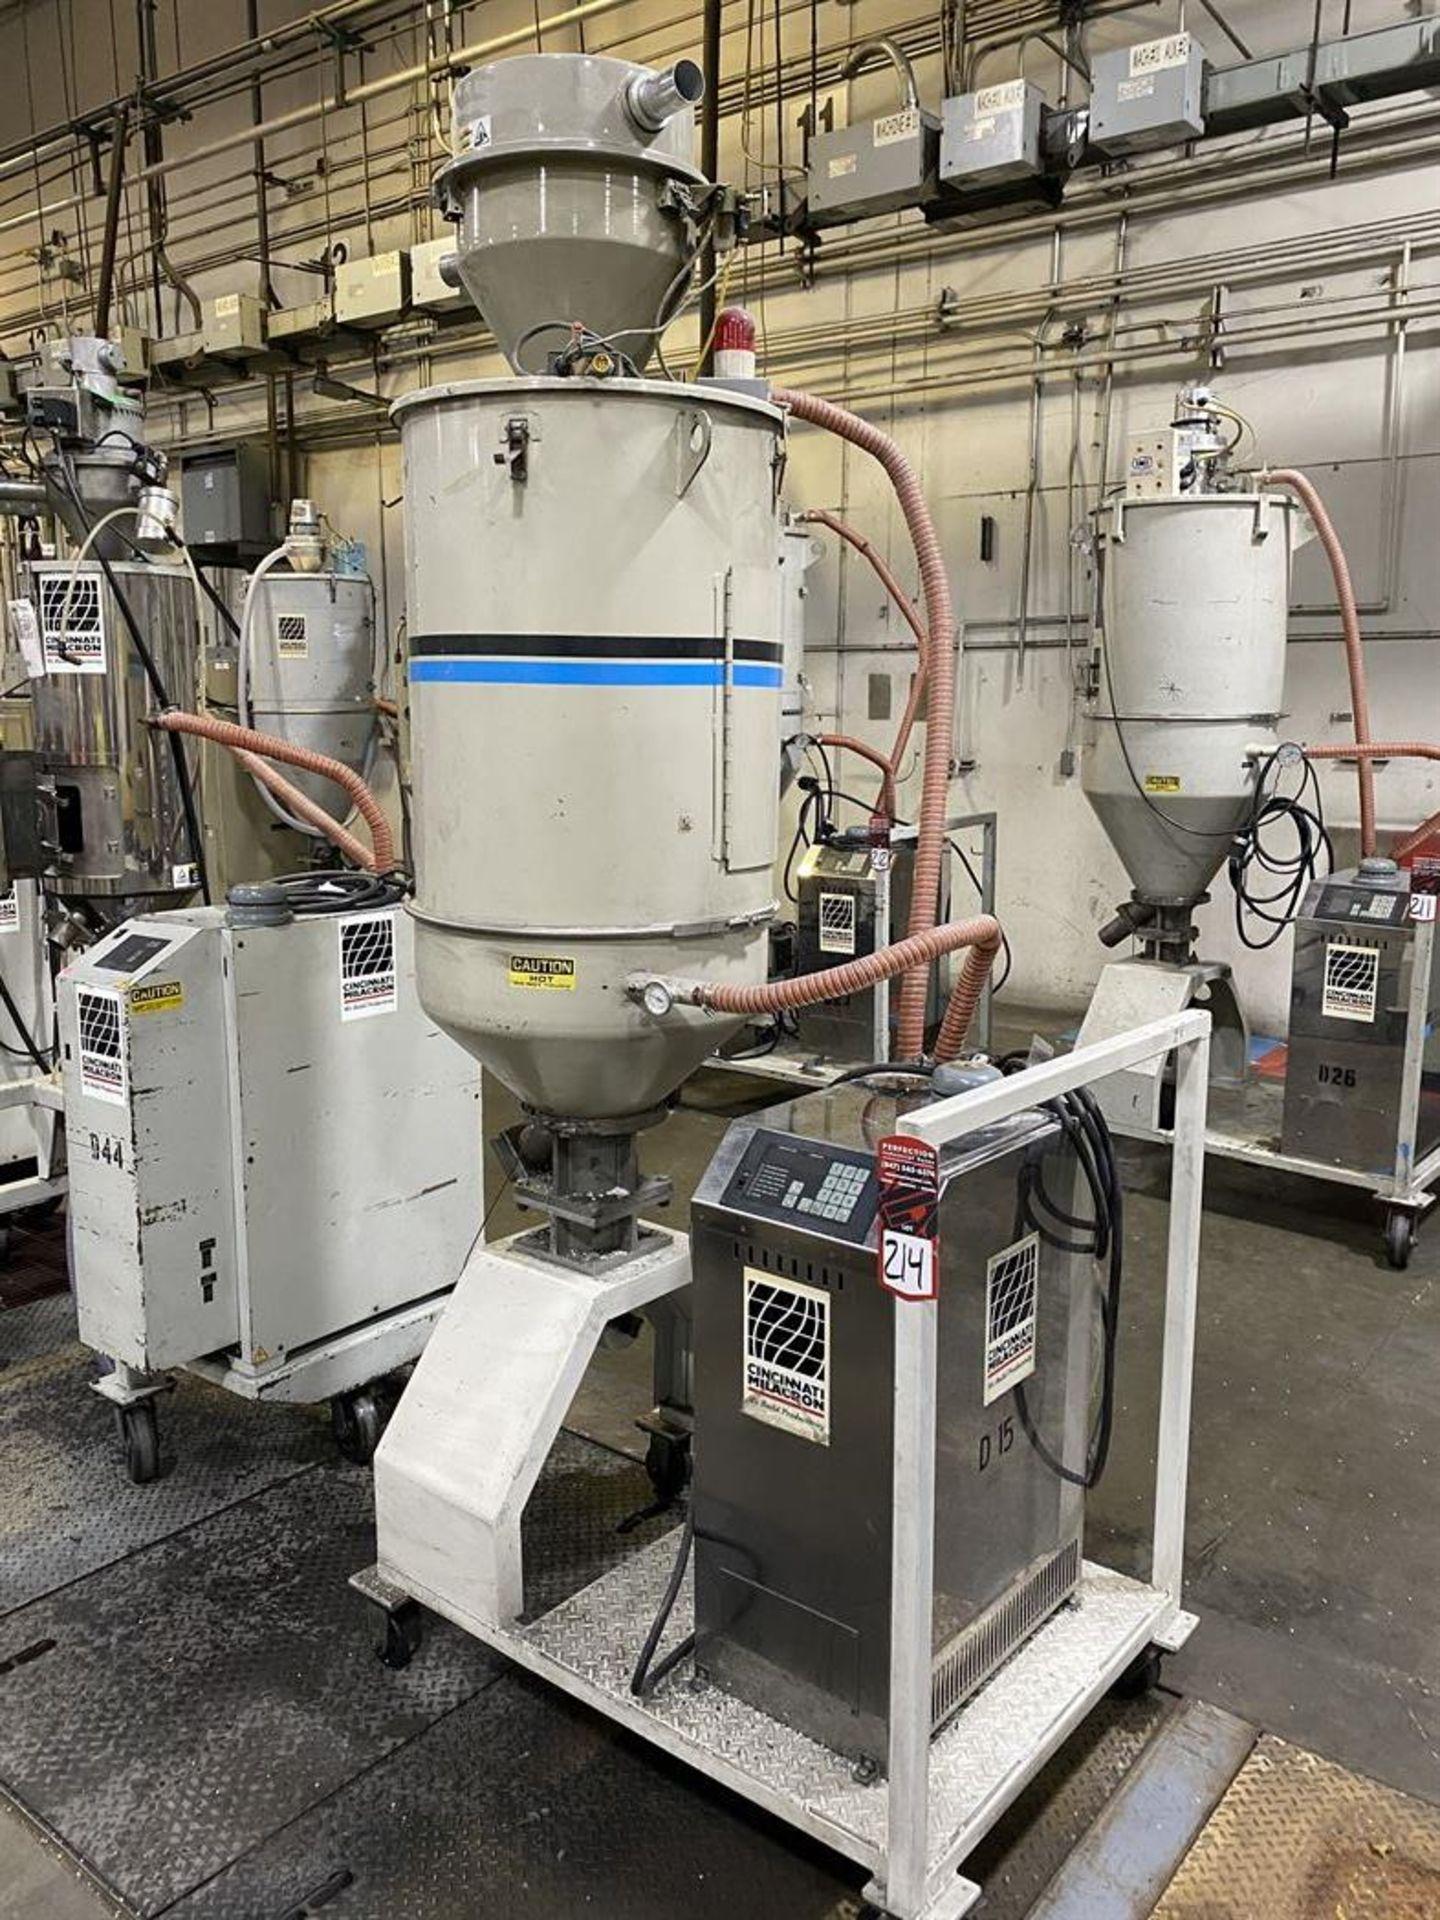 Lot 214 - Cincinnati Milacron DD-110 Hopper Dryer System, s/n 3933A02-98-29, w/ Vacuum Loader